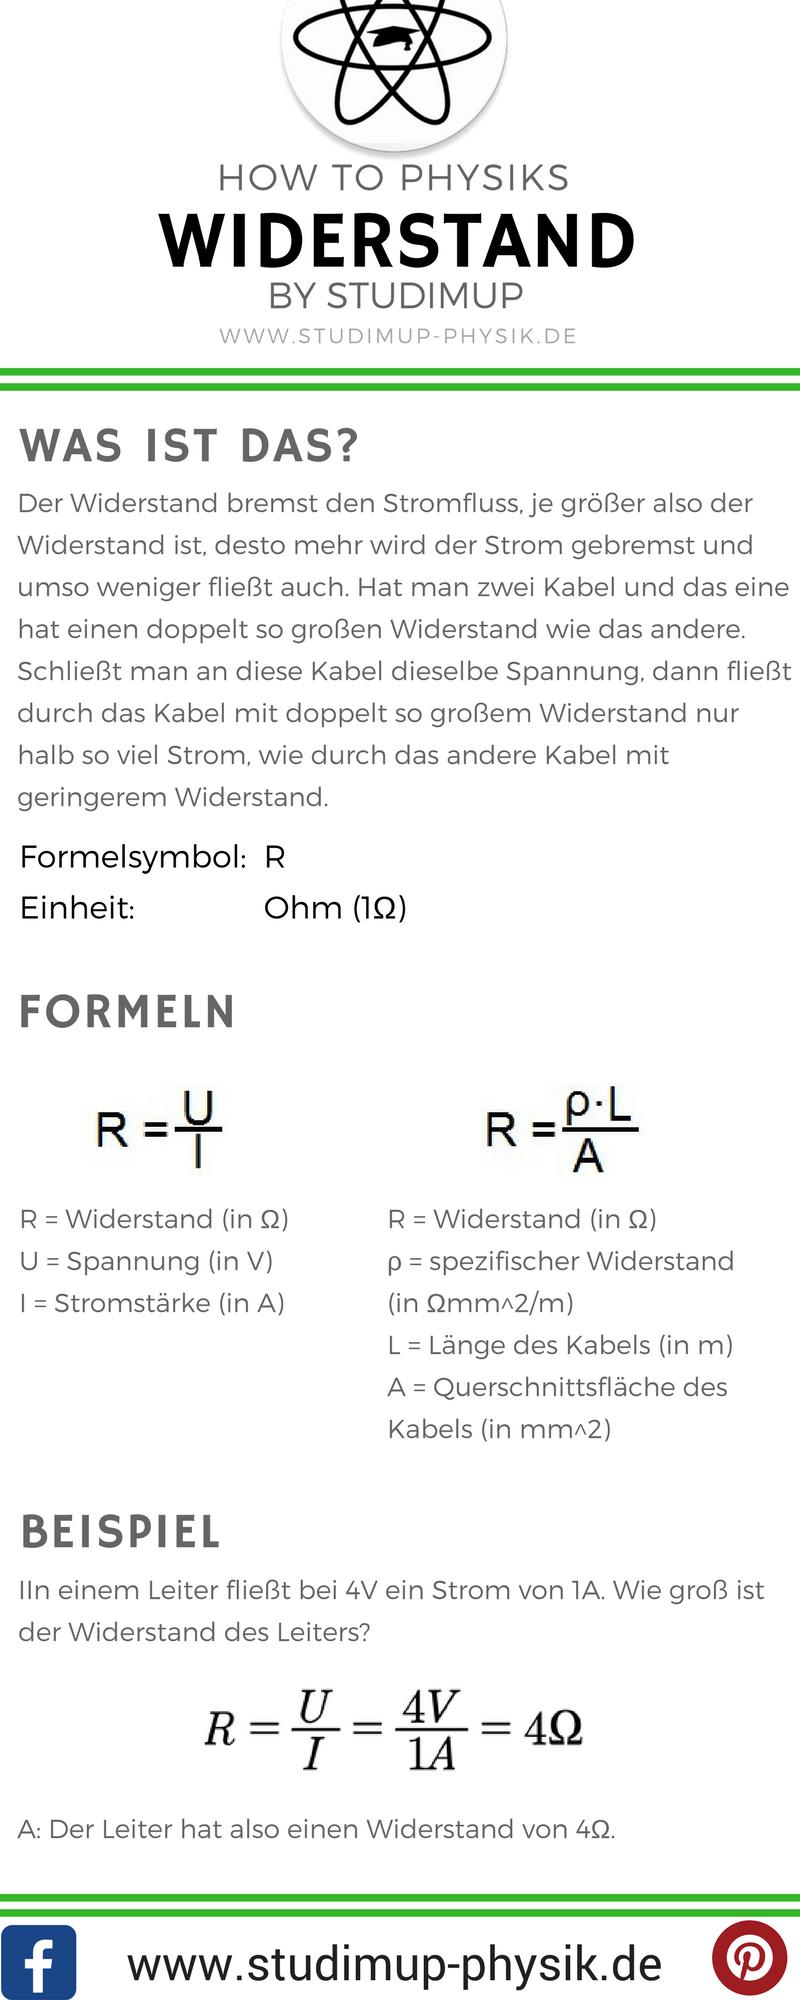 Spicker zum Widerstand mit den Formeln, Einheit und Beispielaufgabe ...